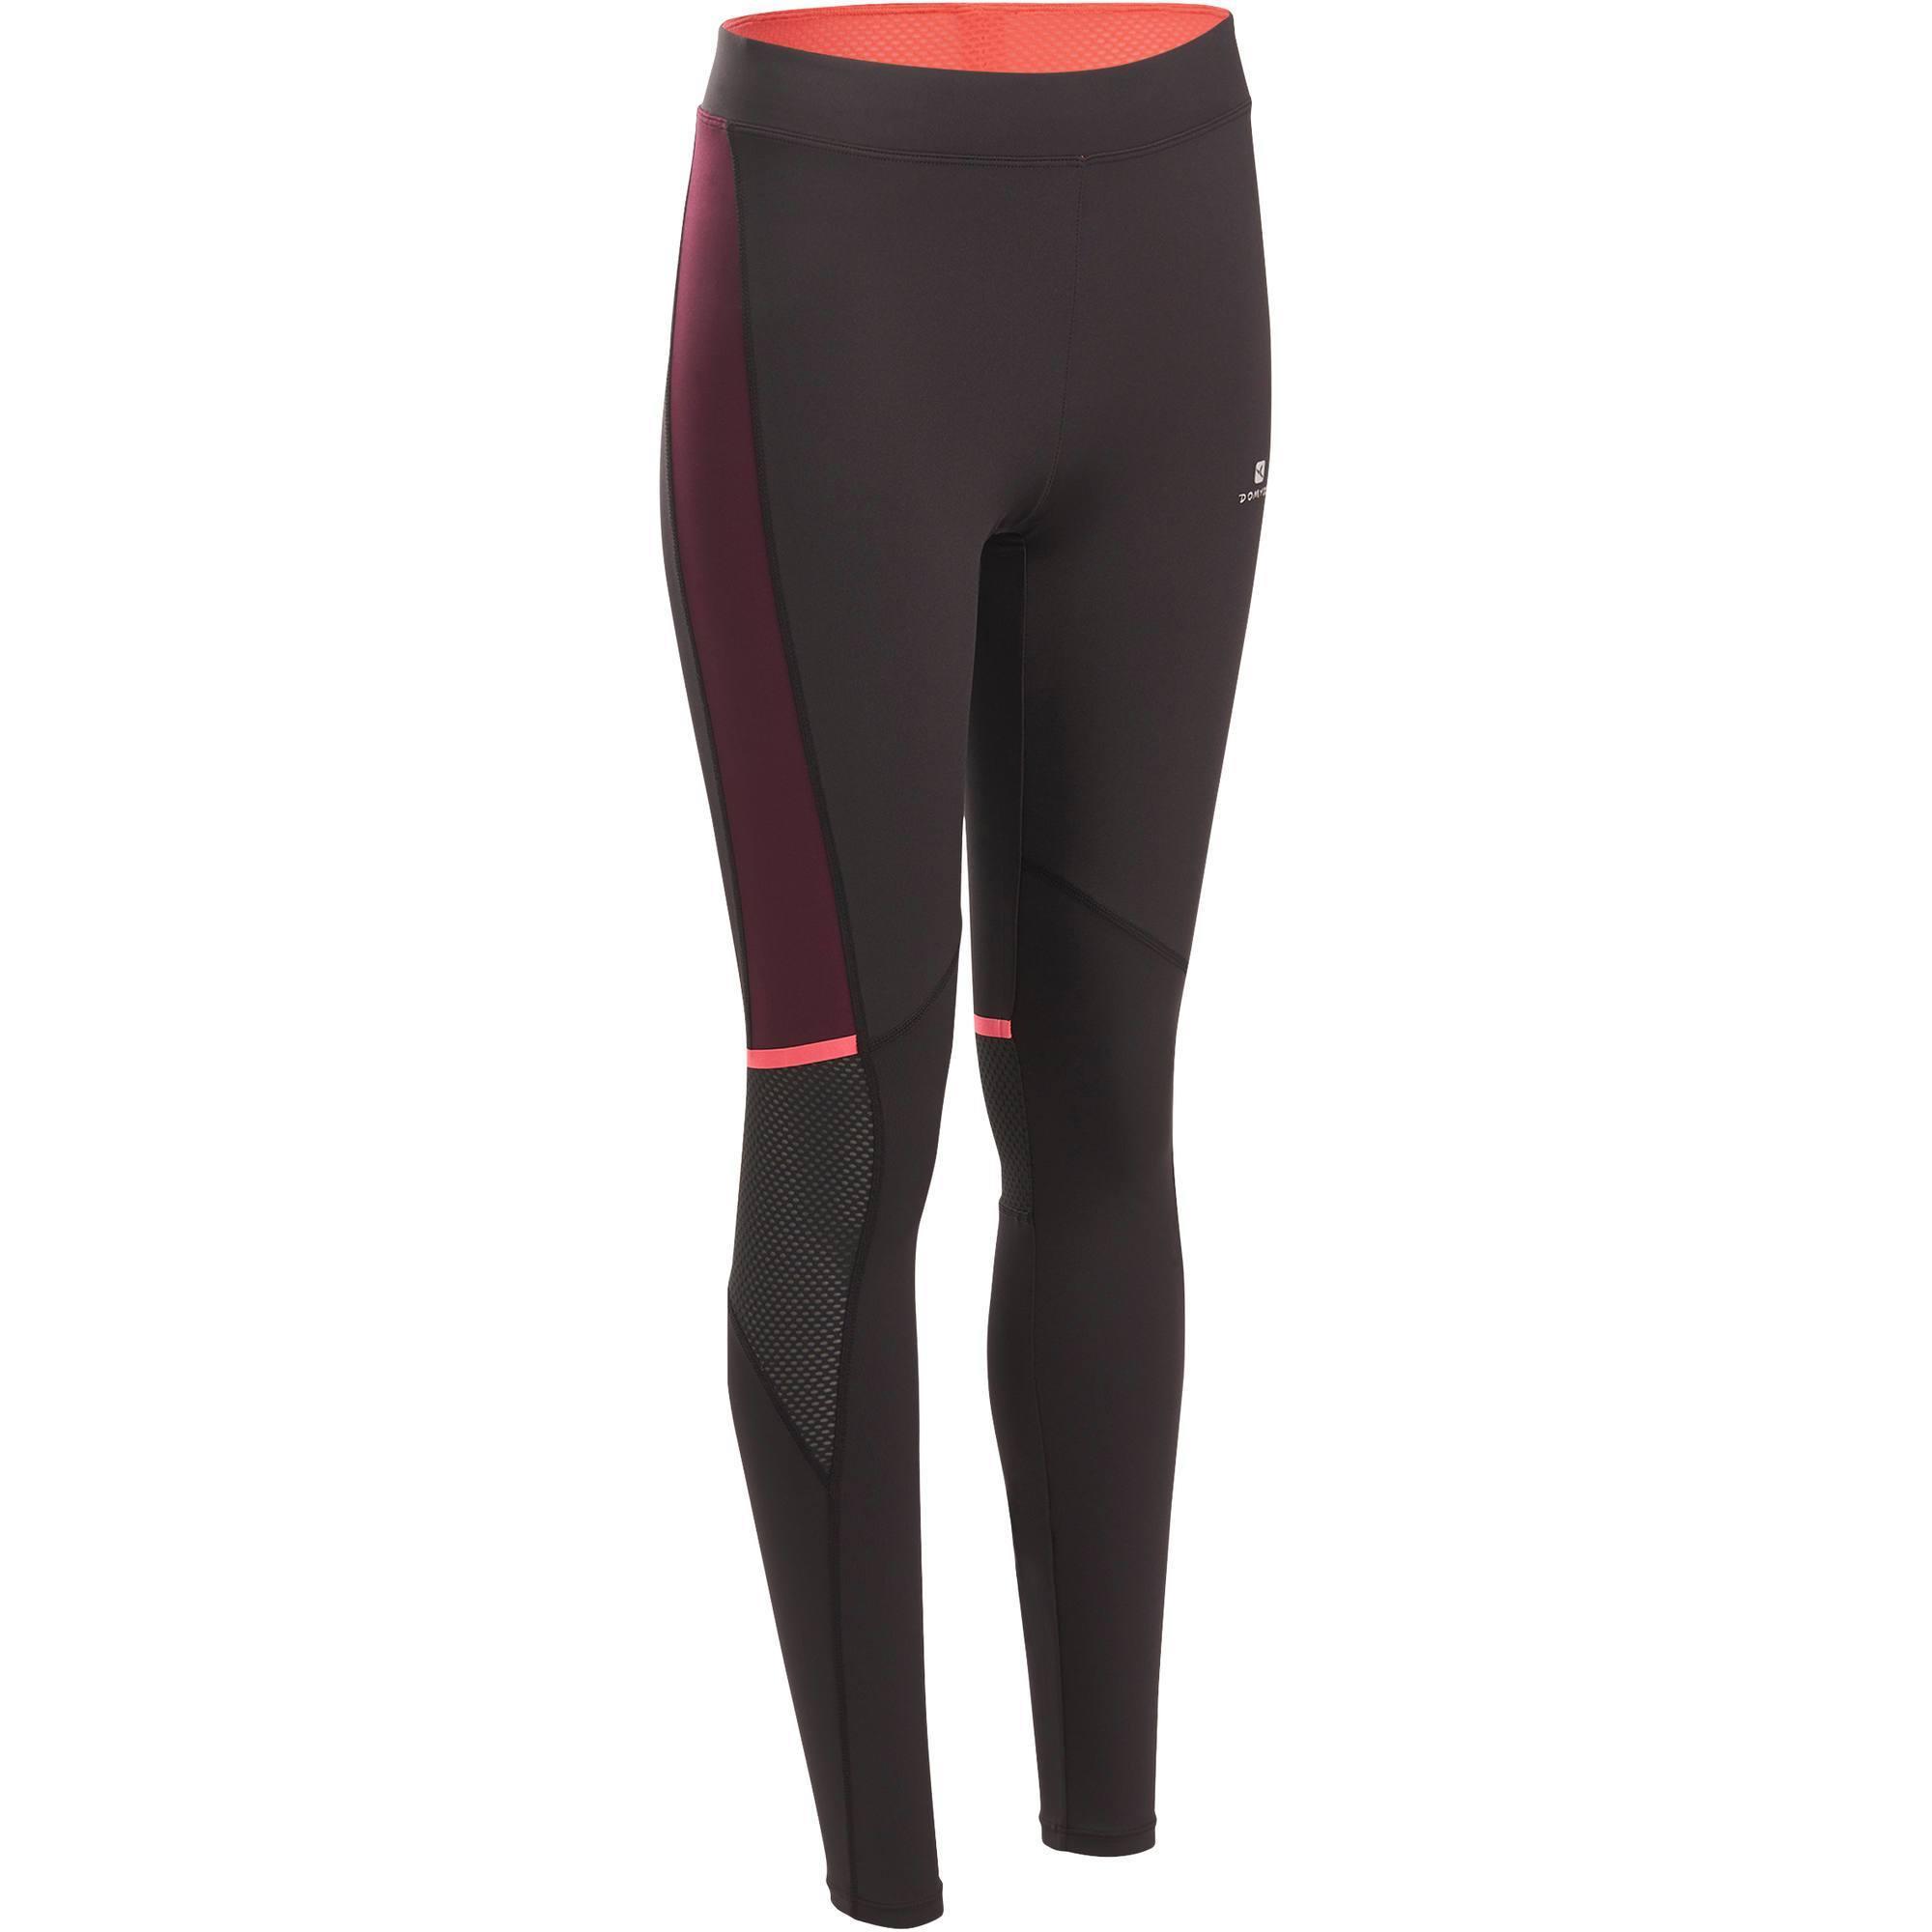 Je veux trouver des vêtements de sports fitness running de qualité et pas  cher ICI Vetement de sport a decathlon 948f9c90544